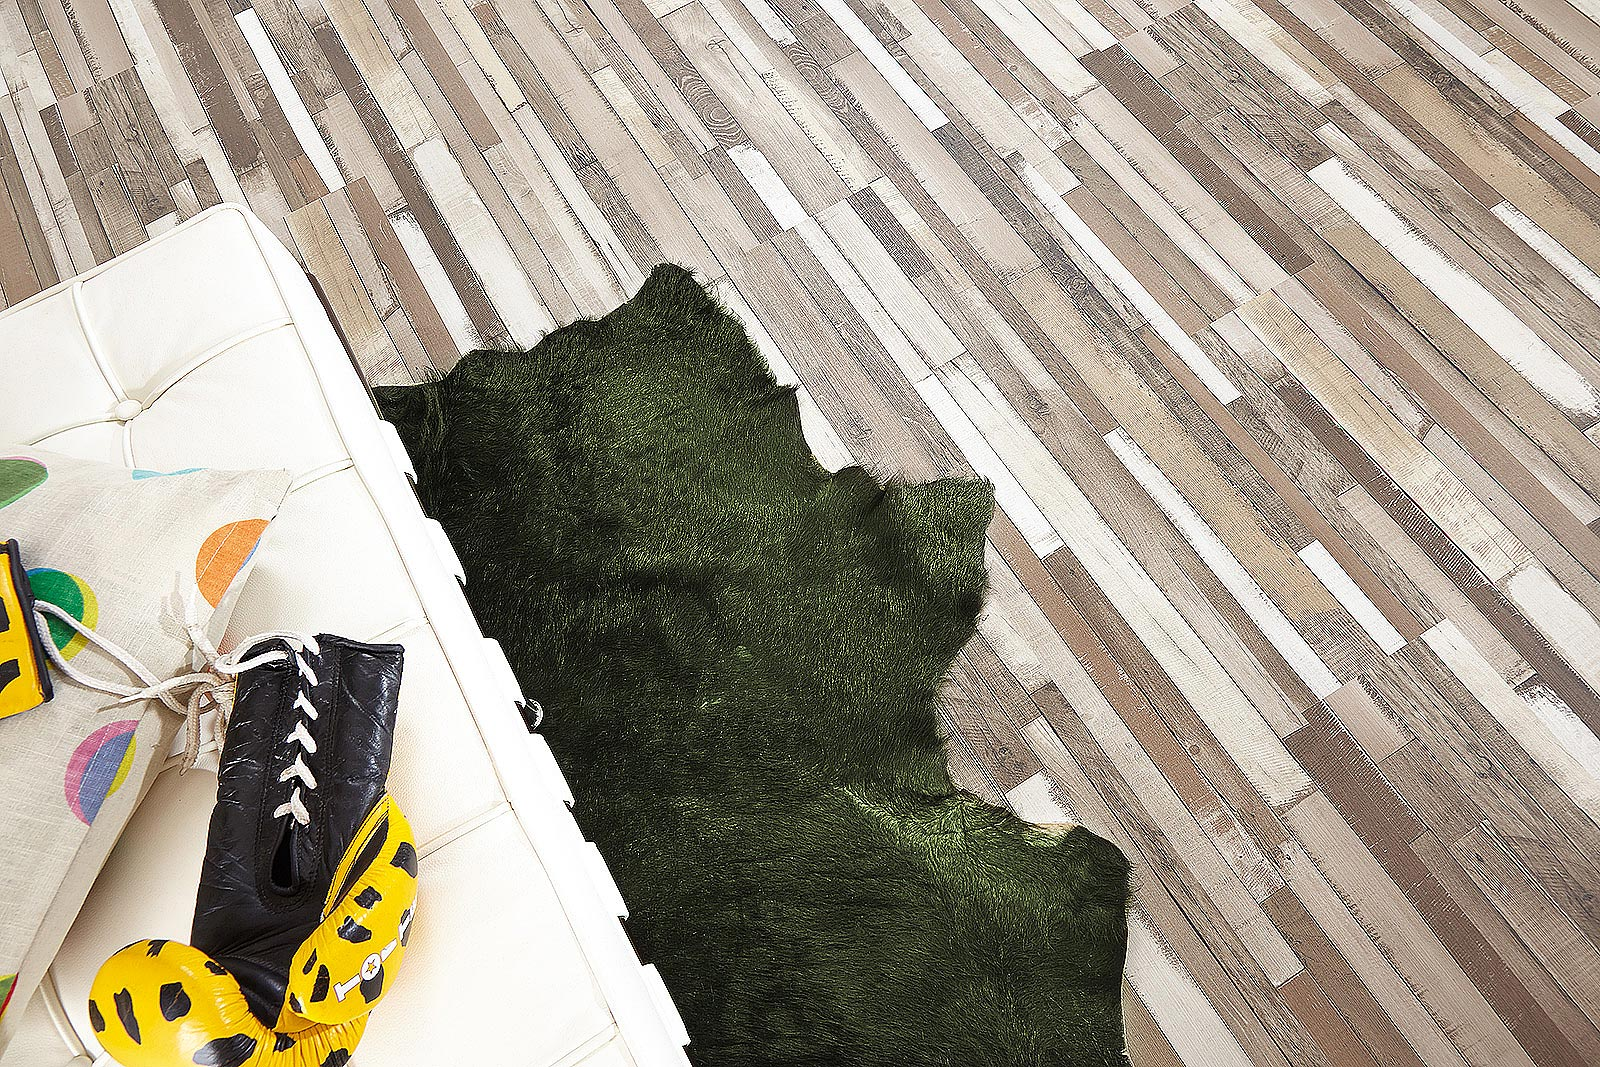 laminat und laminatboden kristian s bodenbel ge bad s ckingen. Black Bedroom Furniture Sets. Home Design Ideas